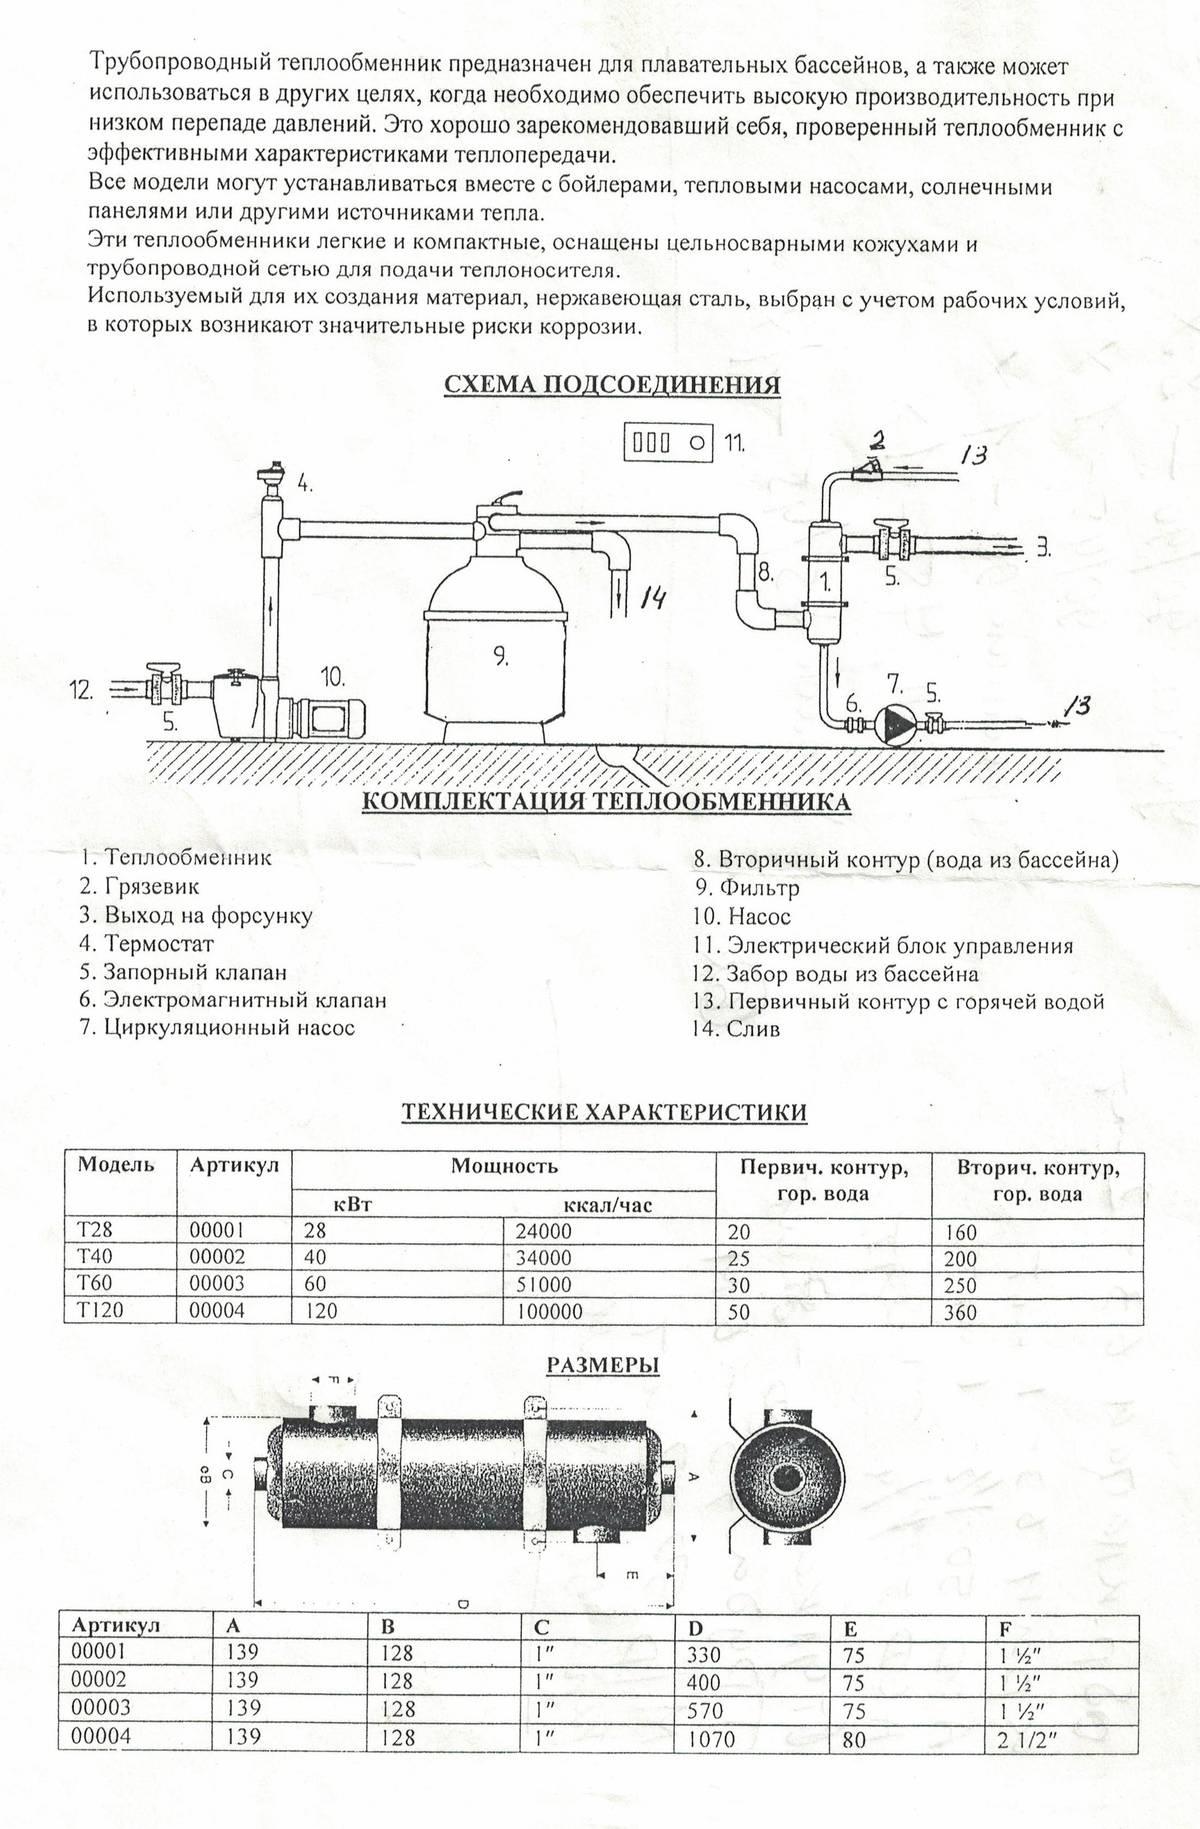 Схема подсоединения теплообменника к бассейну